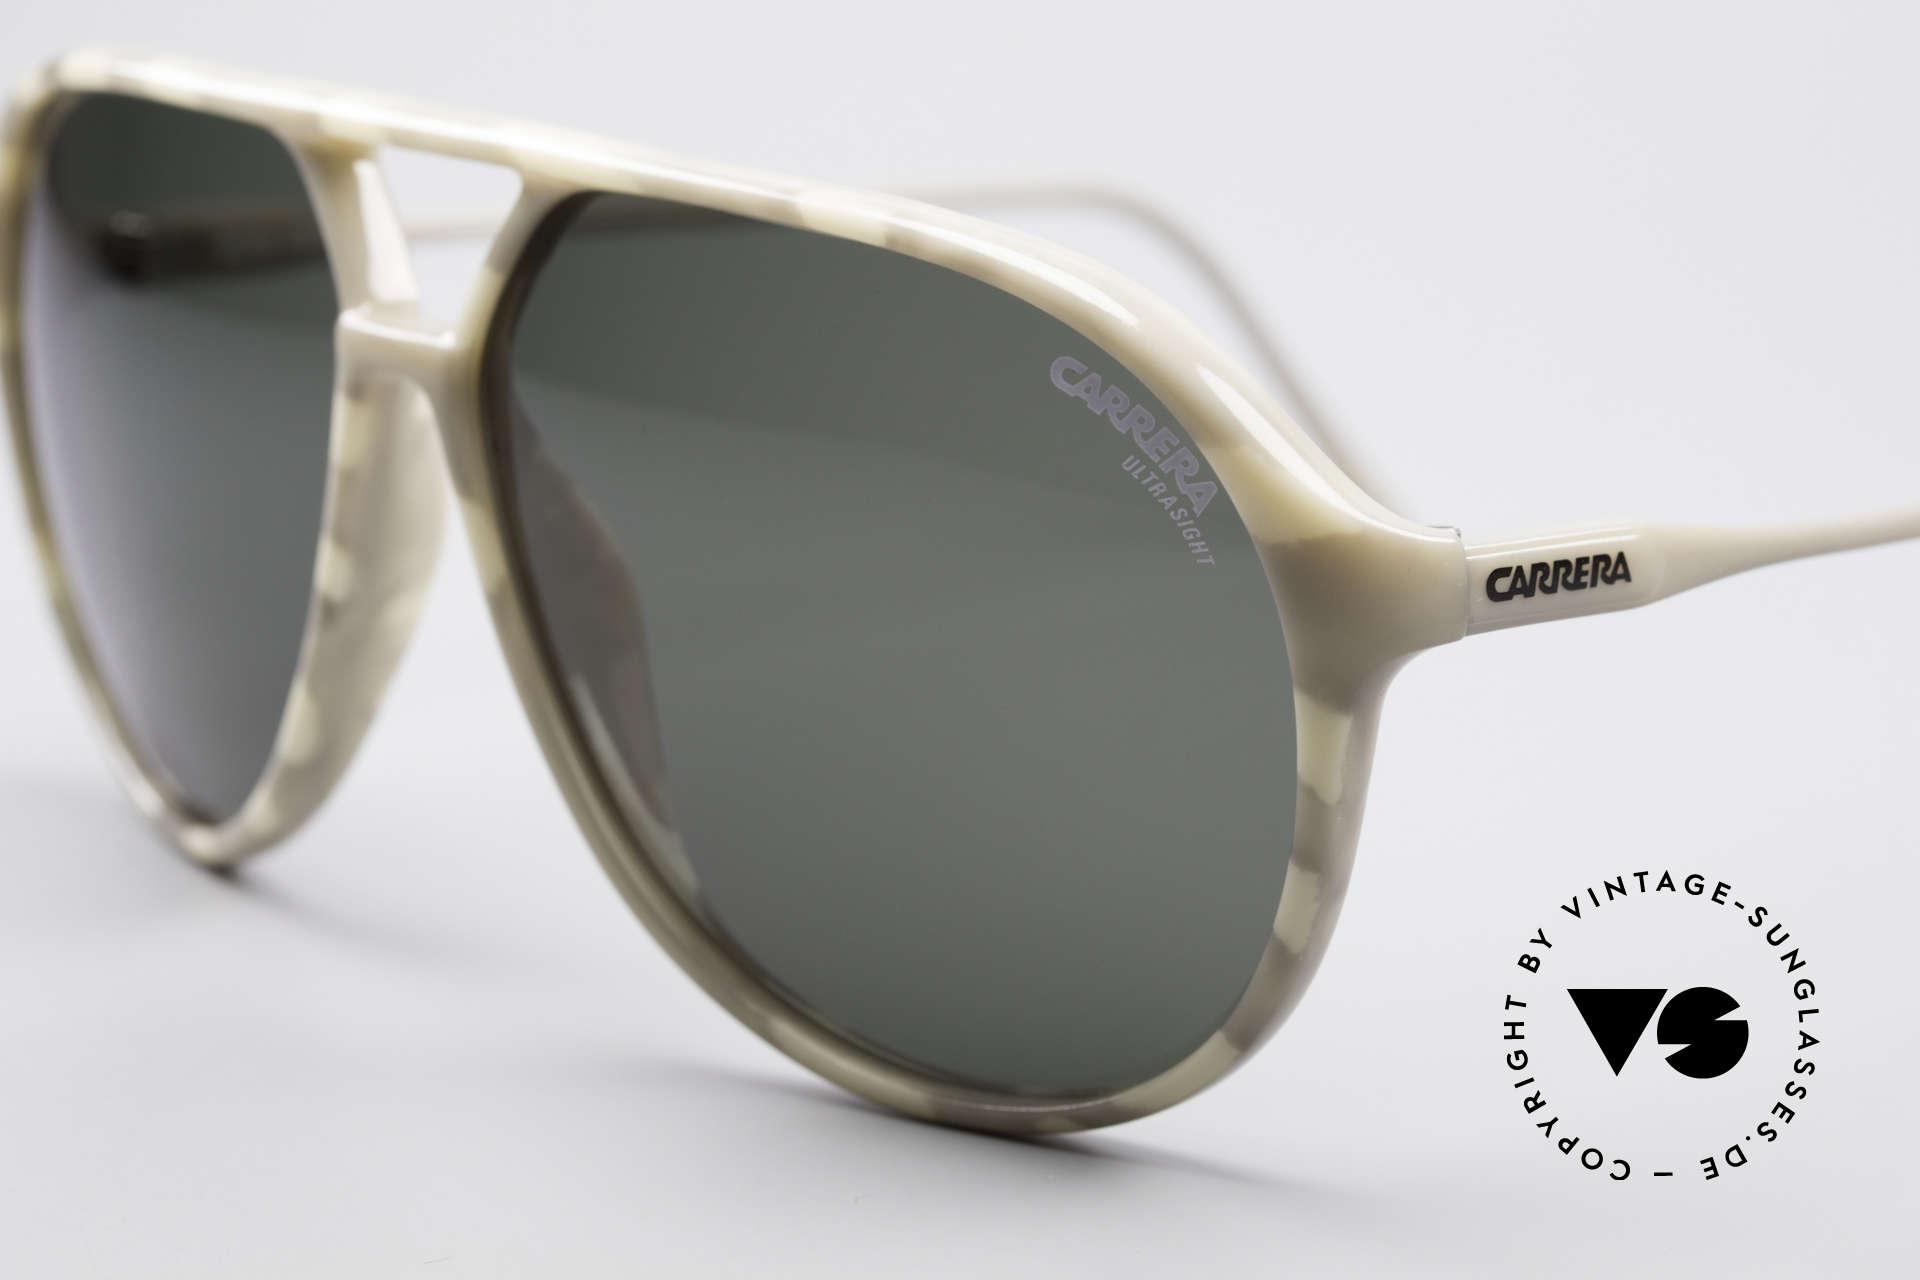 cf05edff35251 Sunglasses Carrera 5425 Robert De Niro Shades